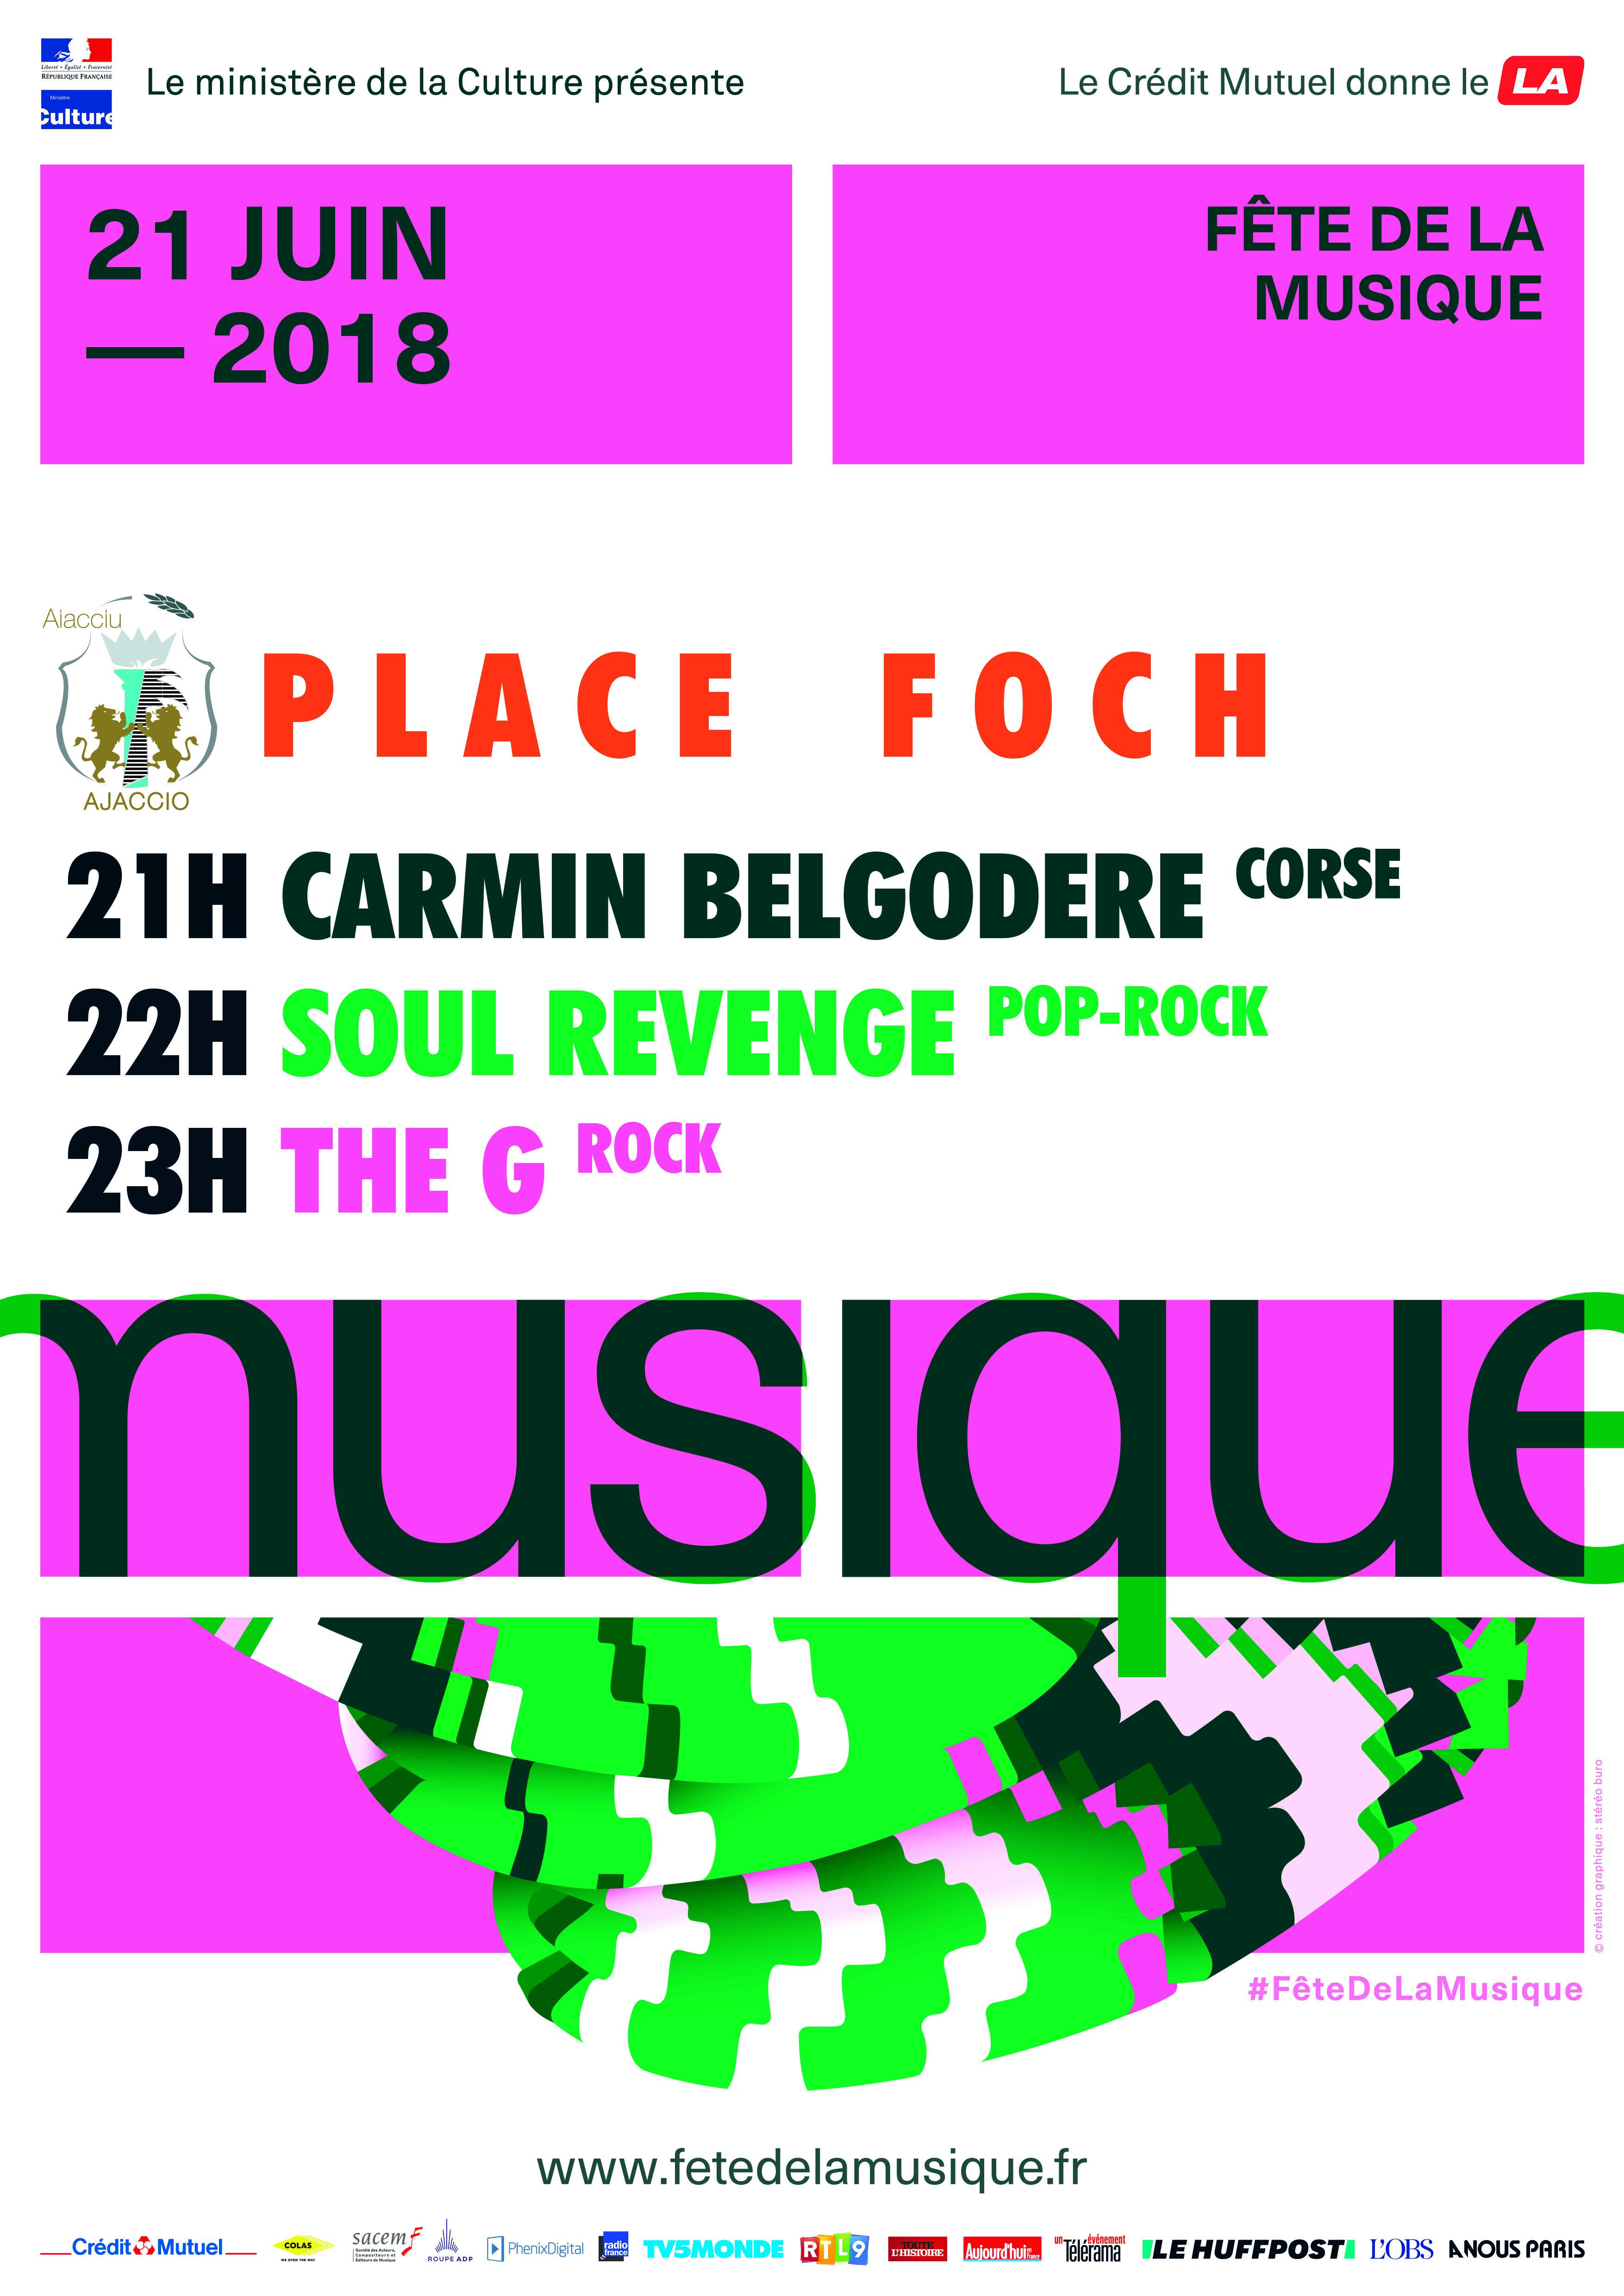 Fête de la Musique 2018